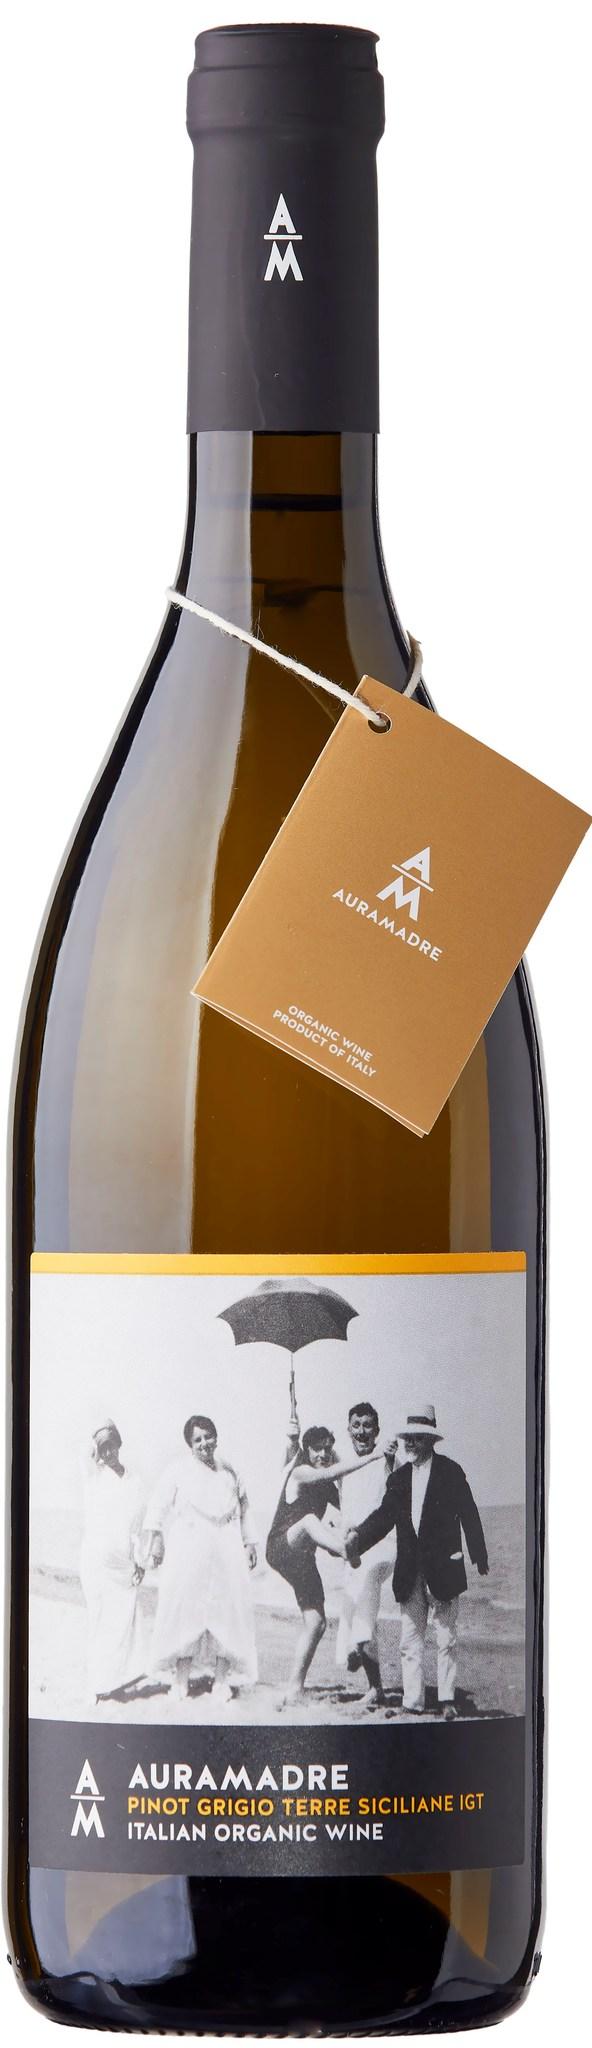 Аuramadre Pinot Grigio Terre Siciliane IGT